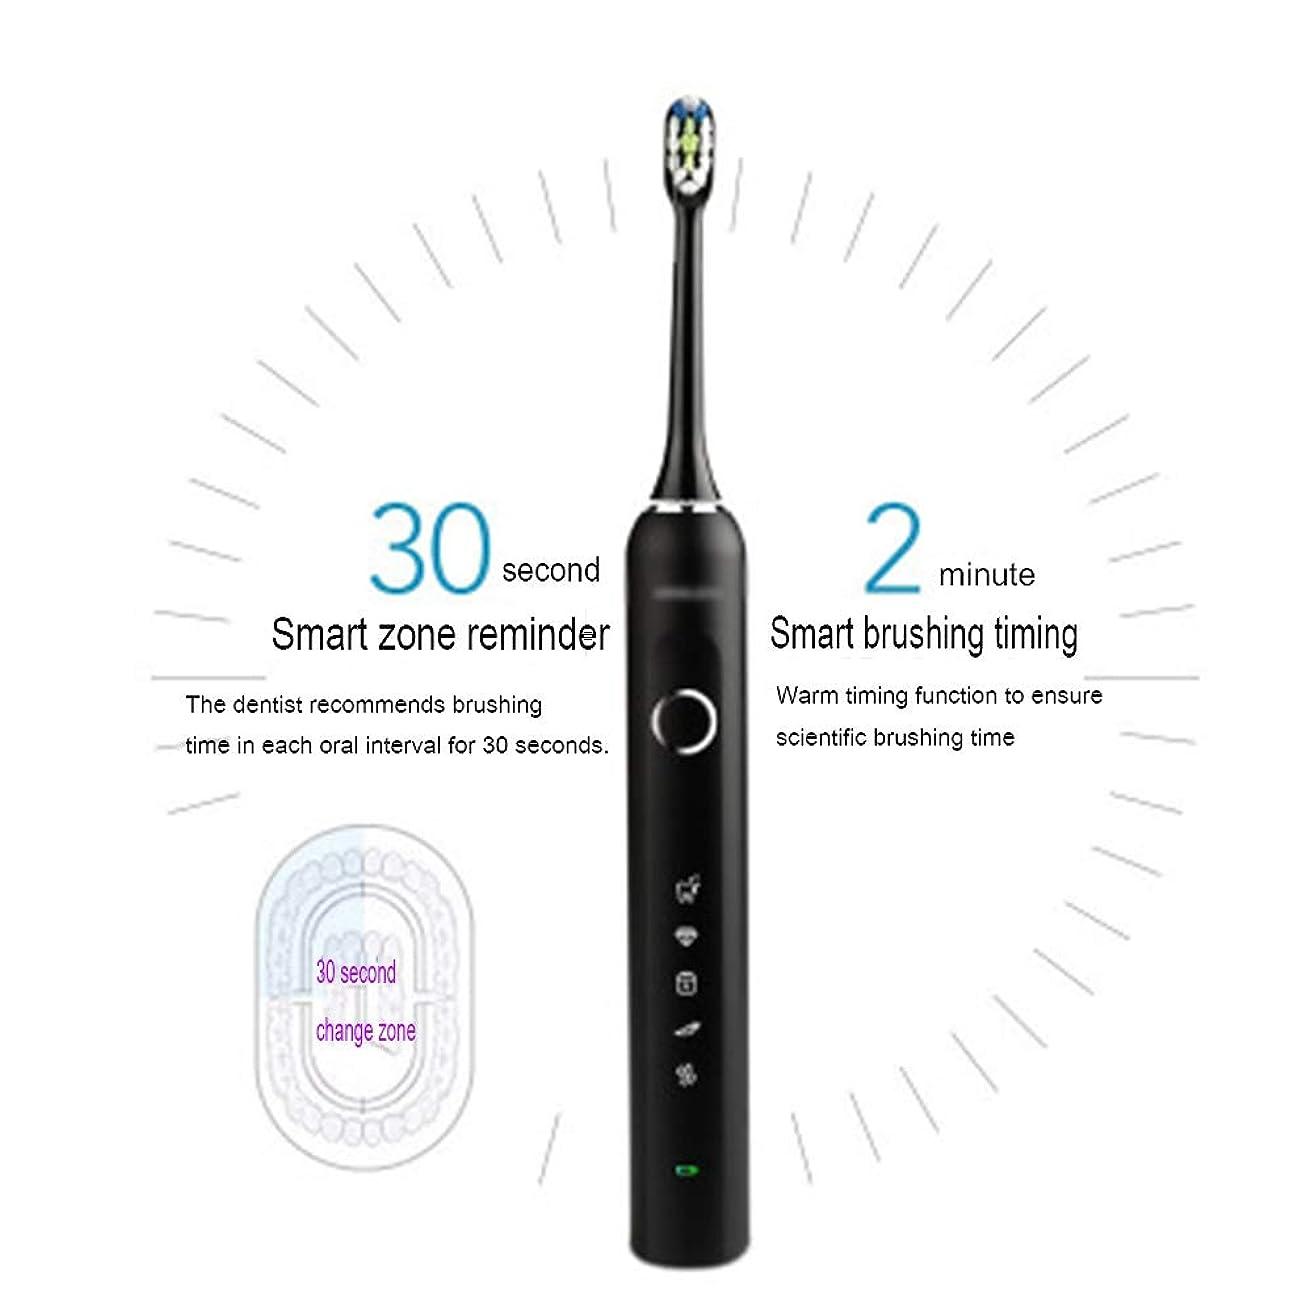 壮大なアパート警告するスマートなタイマーが付いている歯科医の再充電可能な音波の歯ブラシとしてきれいな電動歯ブラシ6時間充満最低90日の使用5つの任意モード旅行歯ブラシ,B